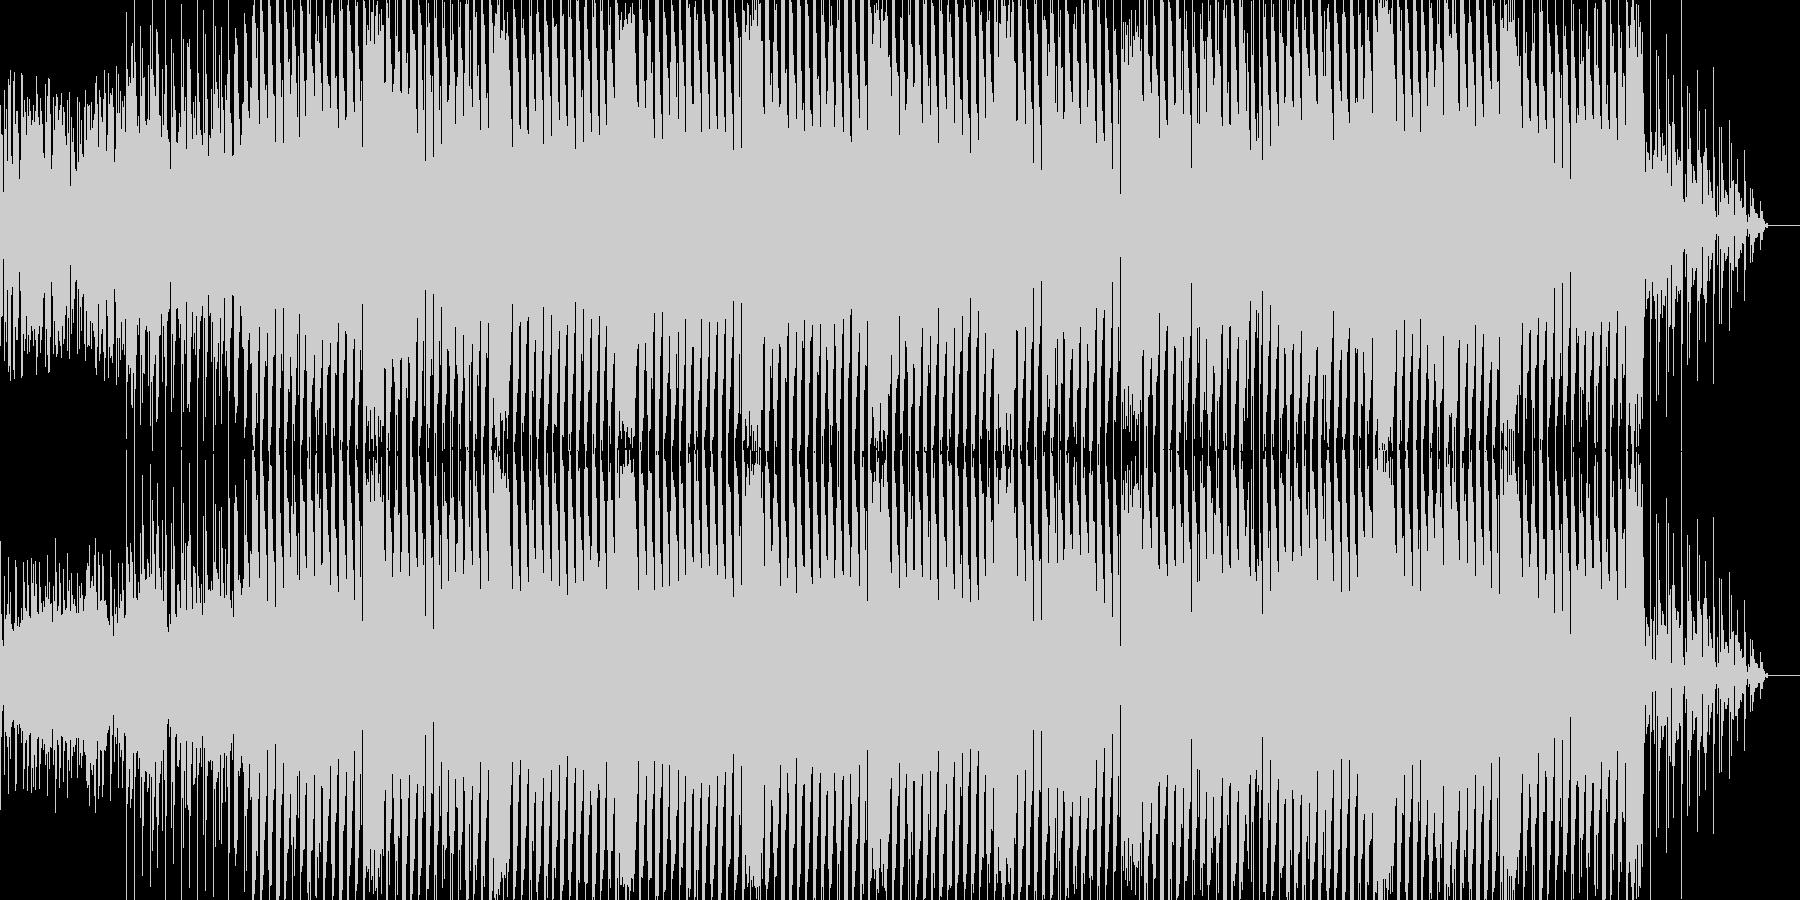 ゲームのオープニングに使えそうなBGMの未再生の波形